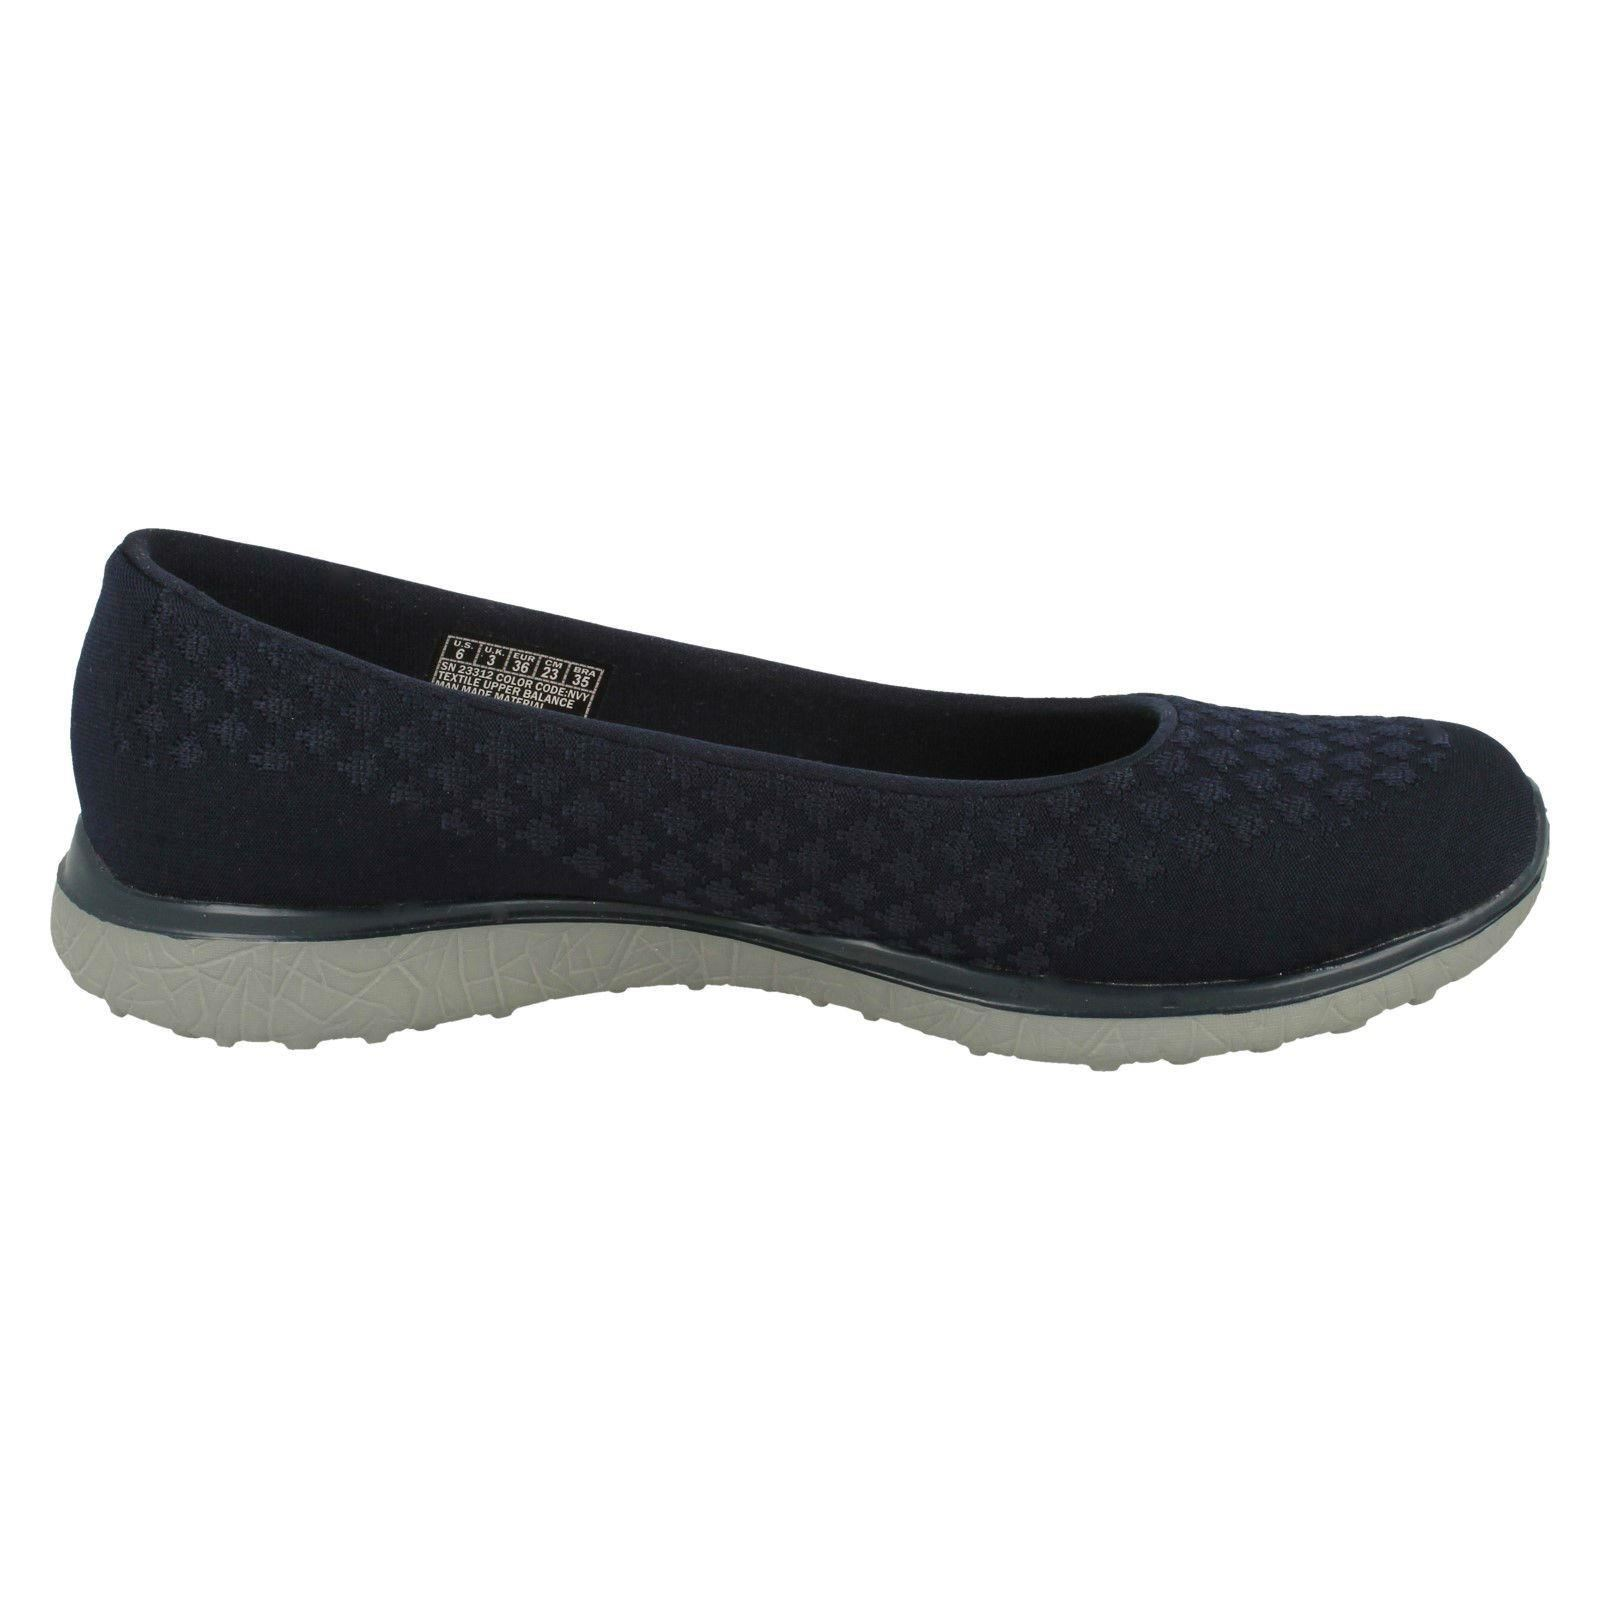 skechers memory foam ladies footwear